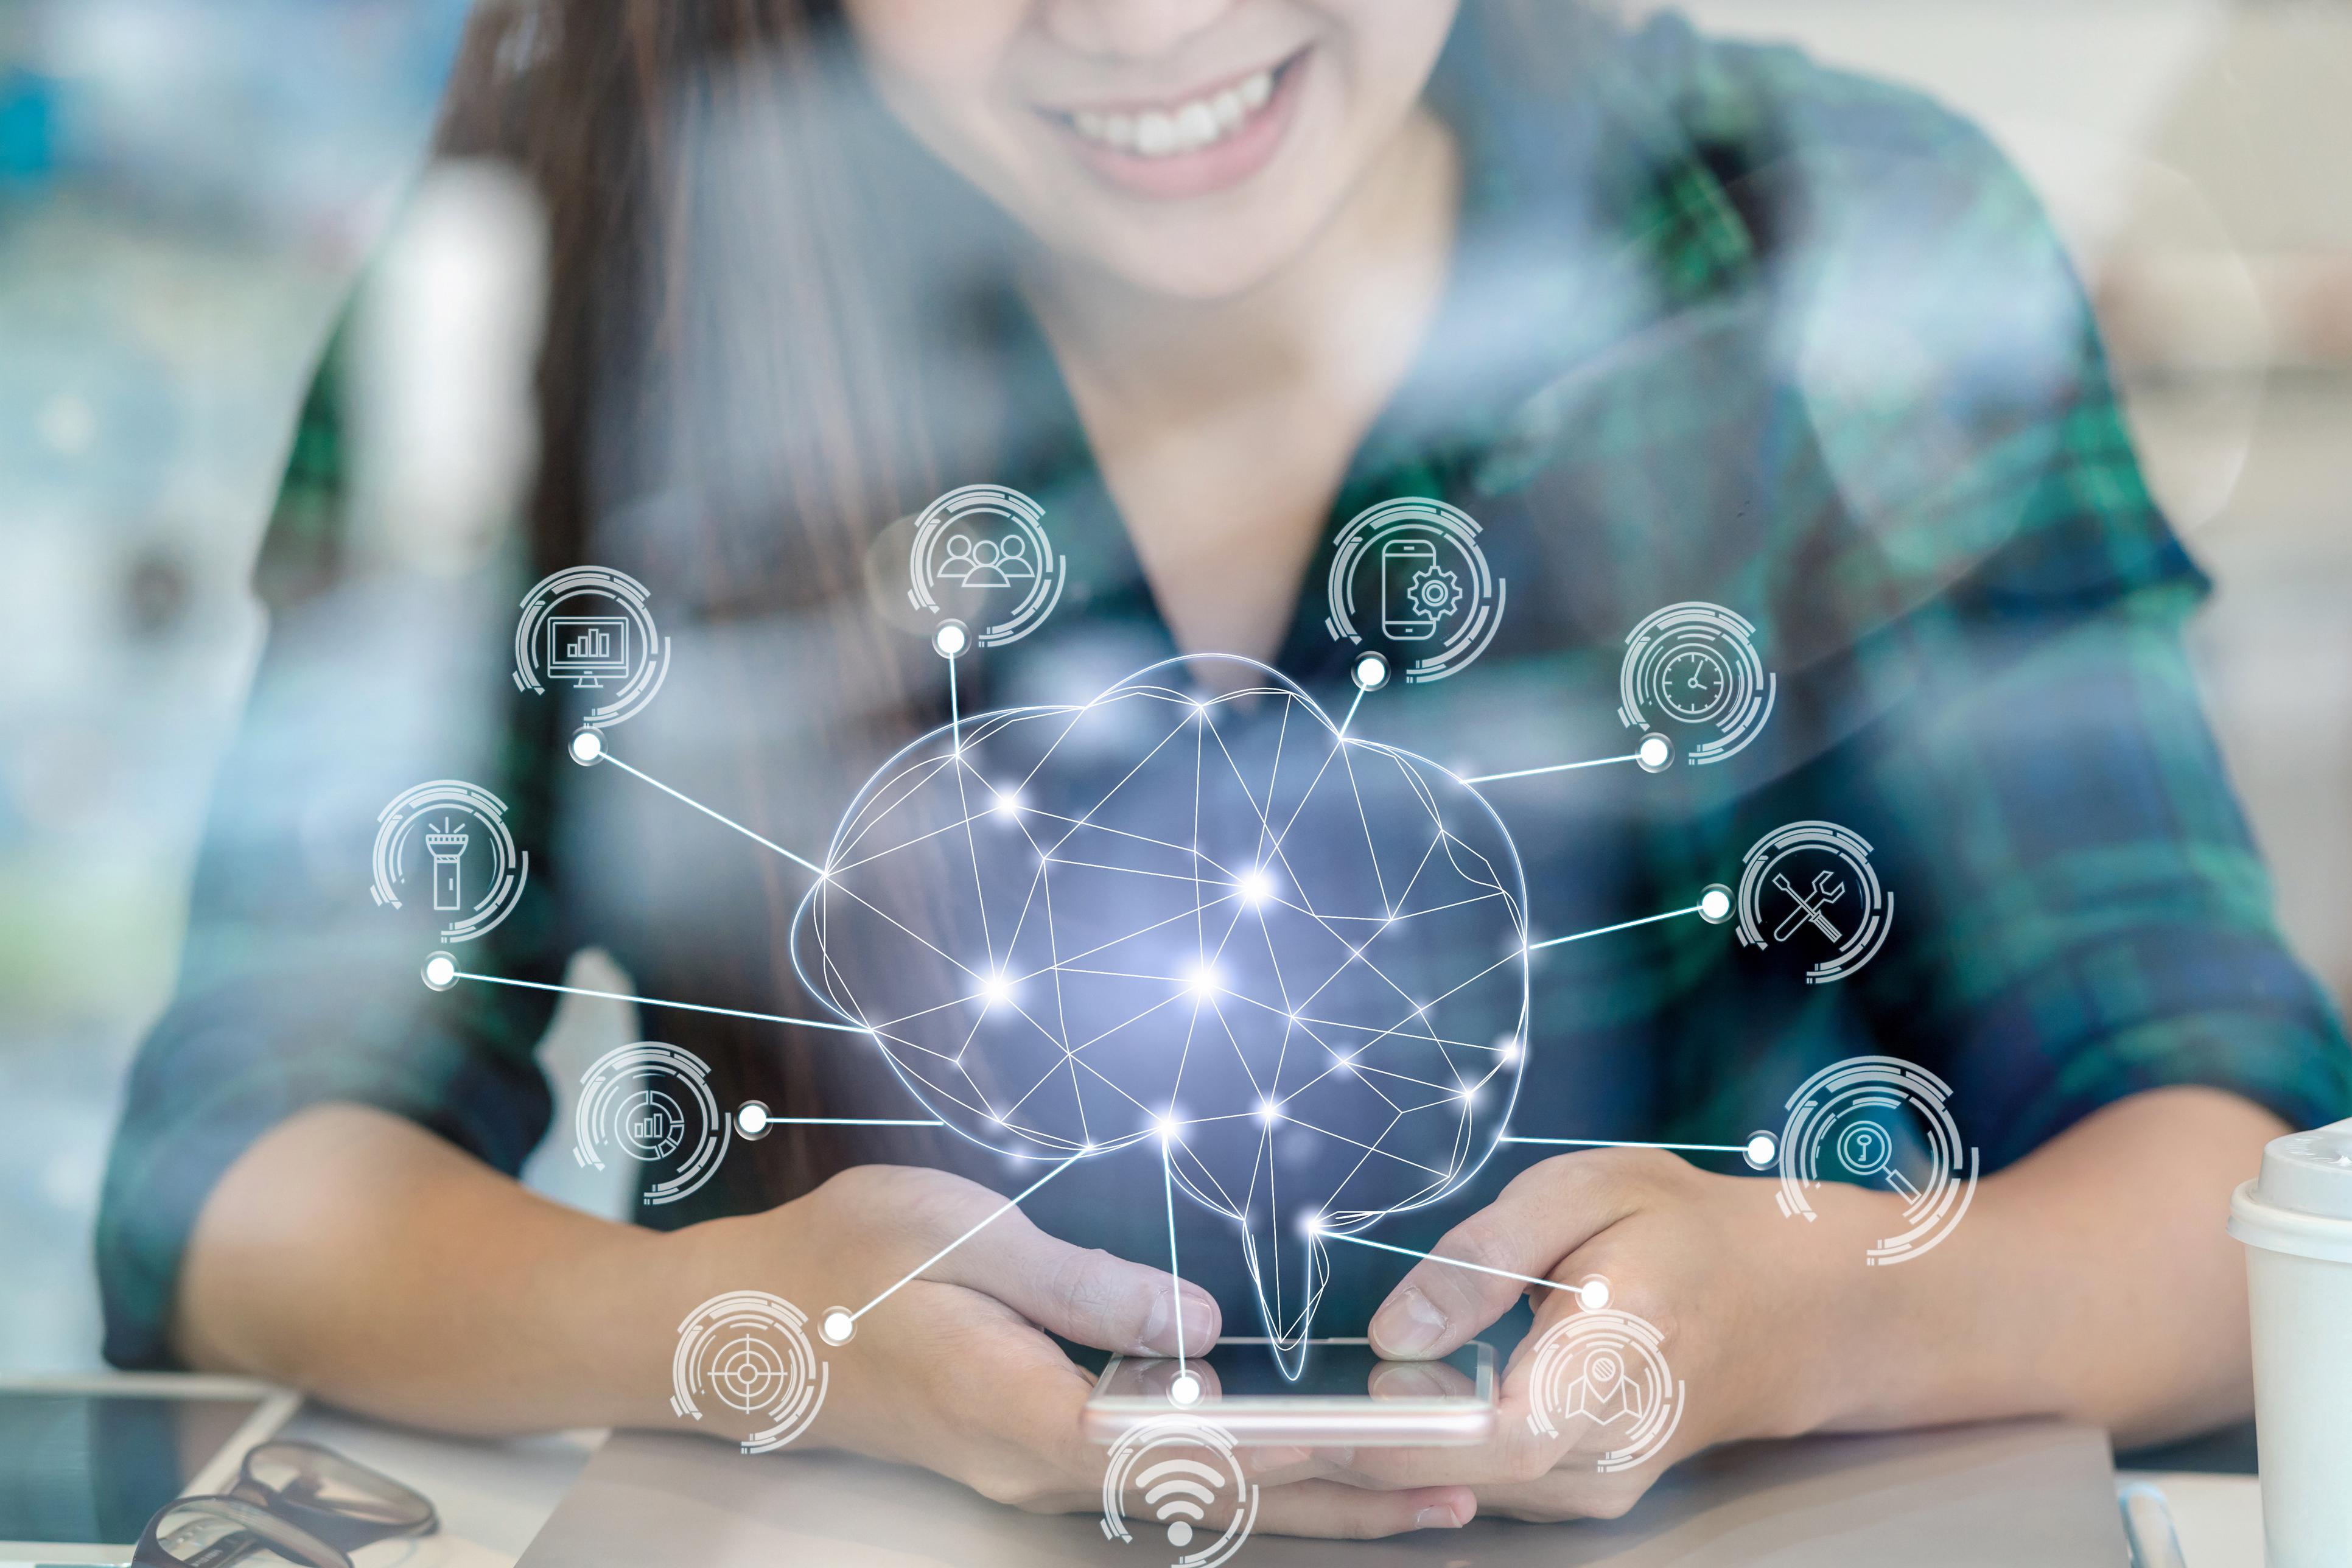 Inteligenţa artificială devine instrument de generare valoare